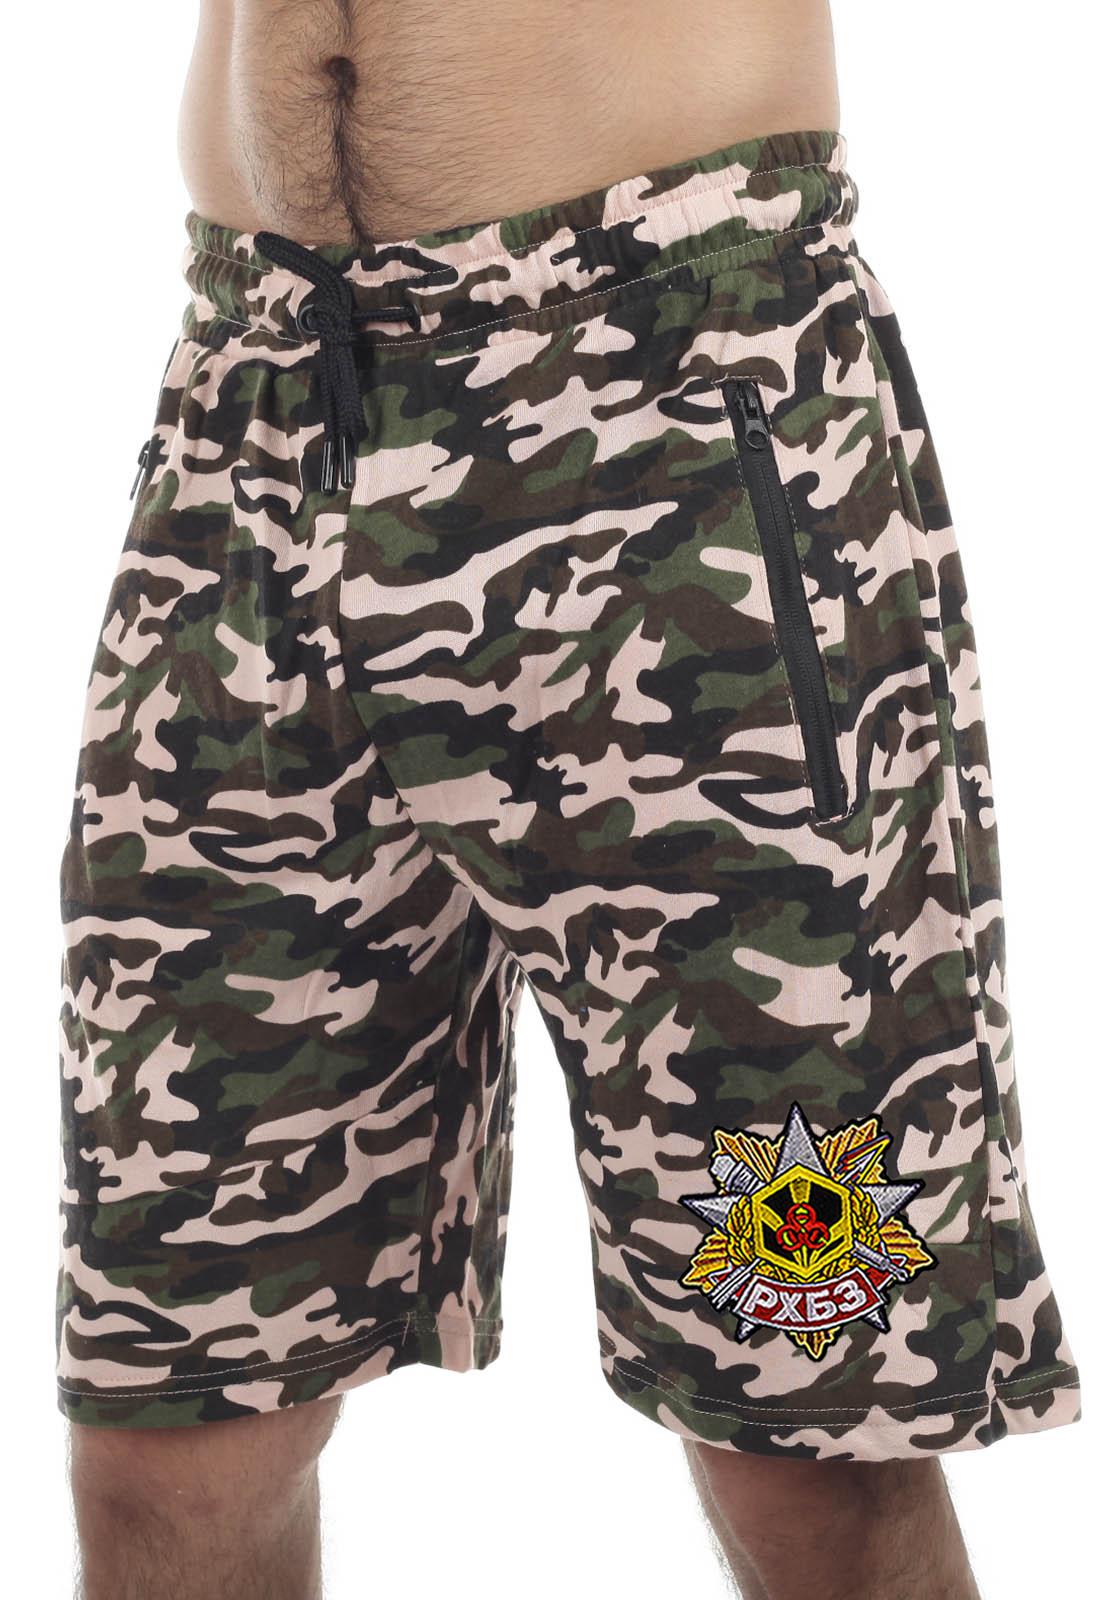 Купить мужские оригинальные шорты с нашивкой РХБЗ в подарок мужчине